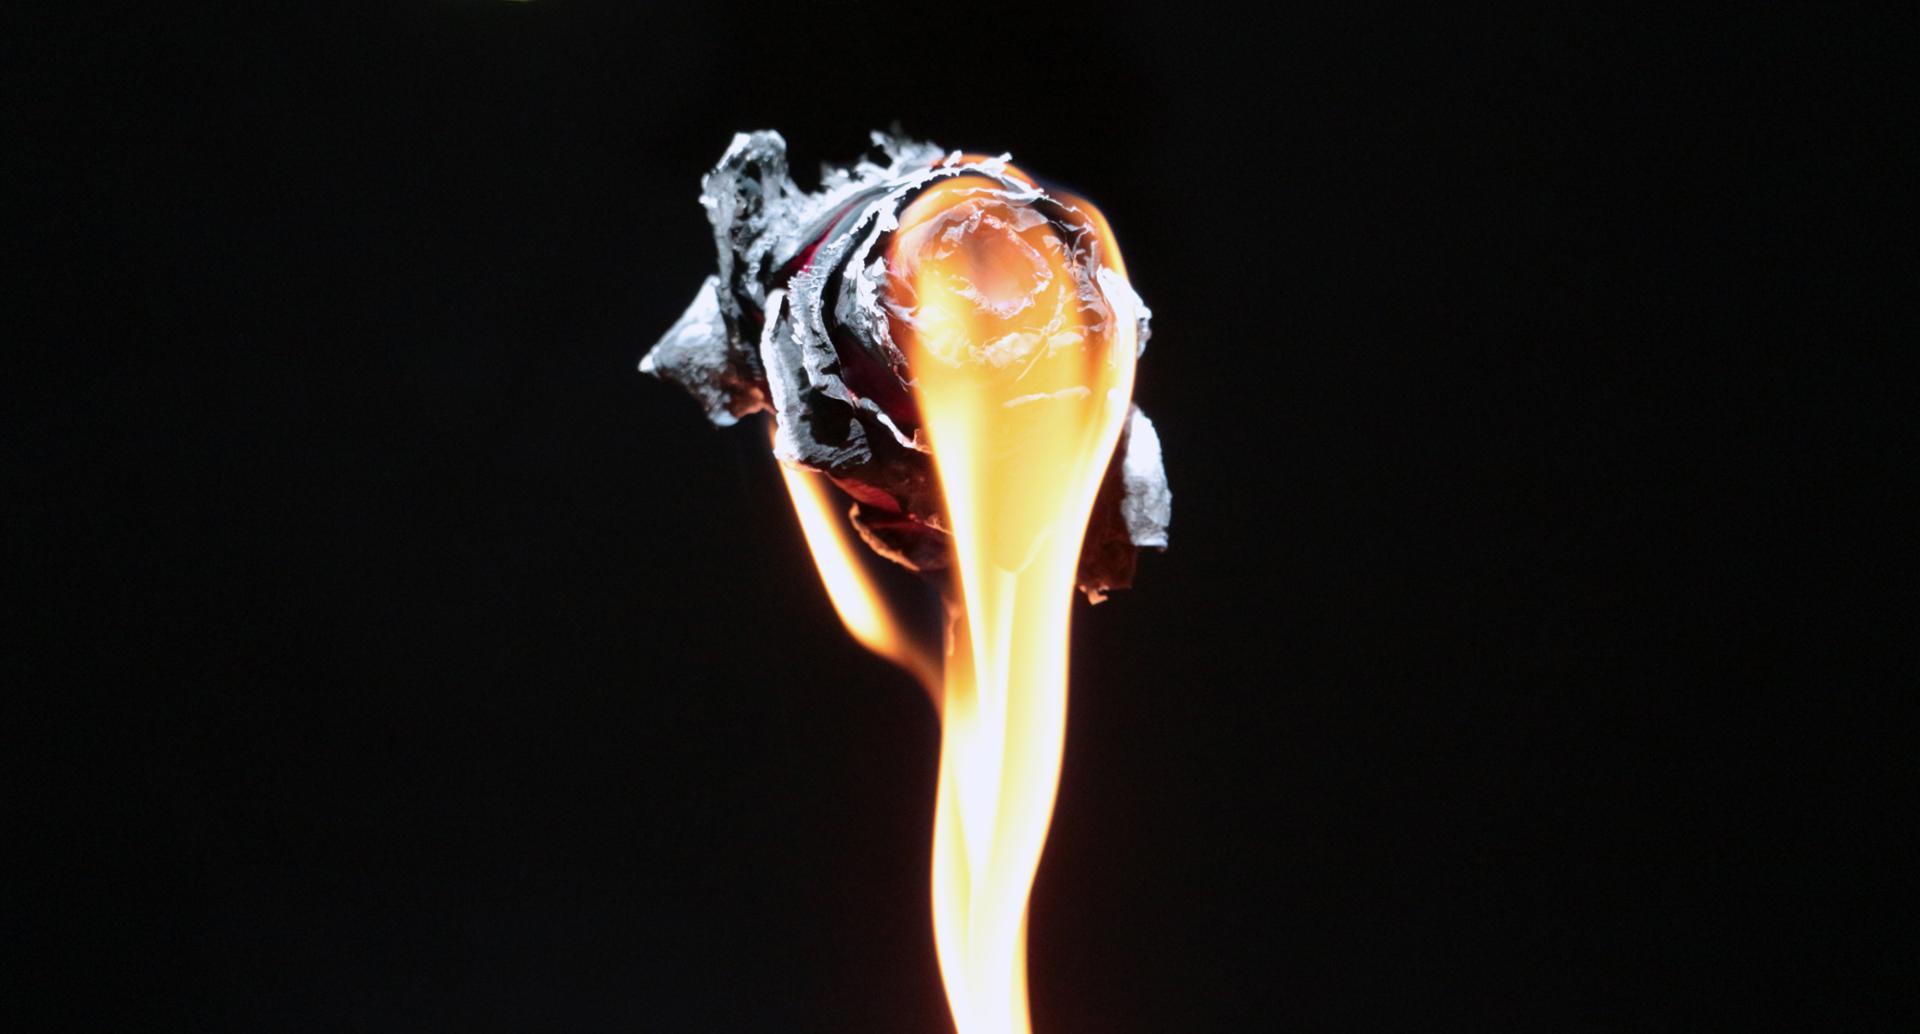 Tears of fire